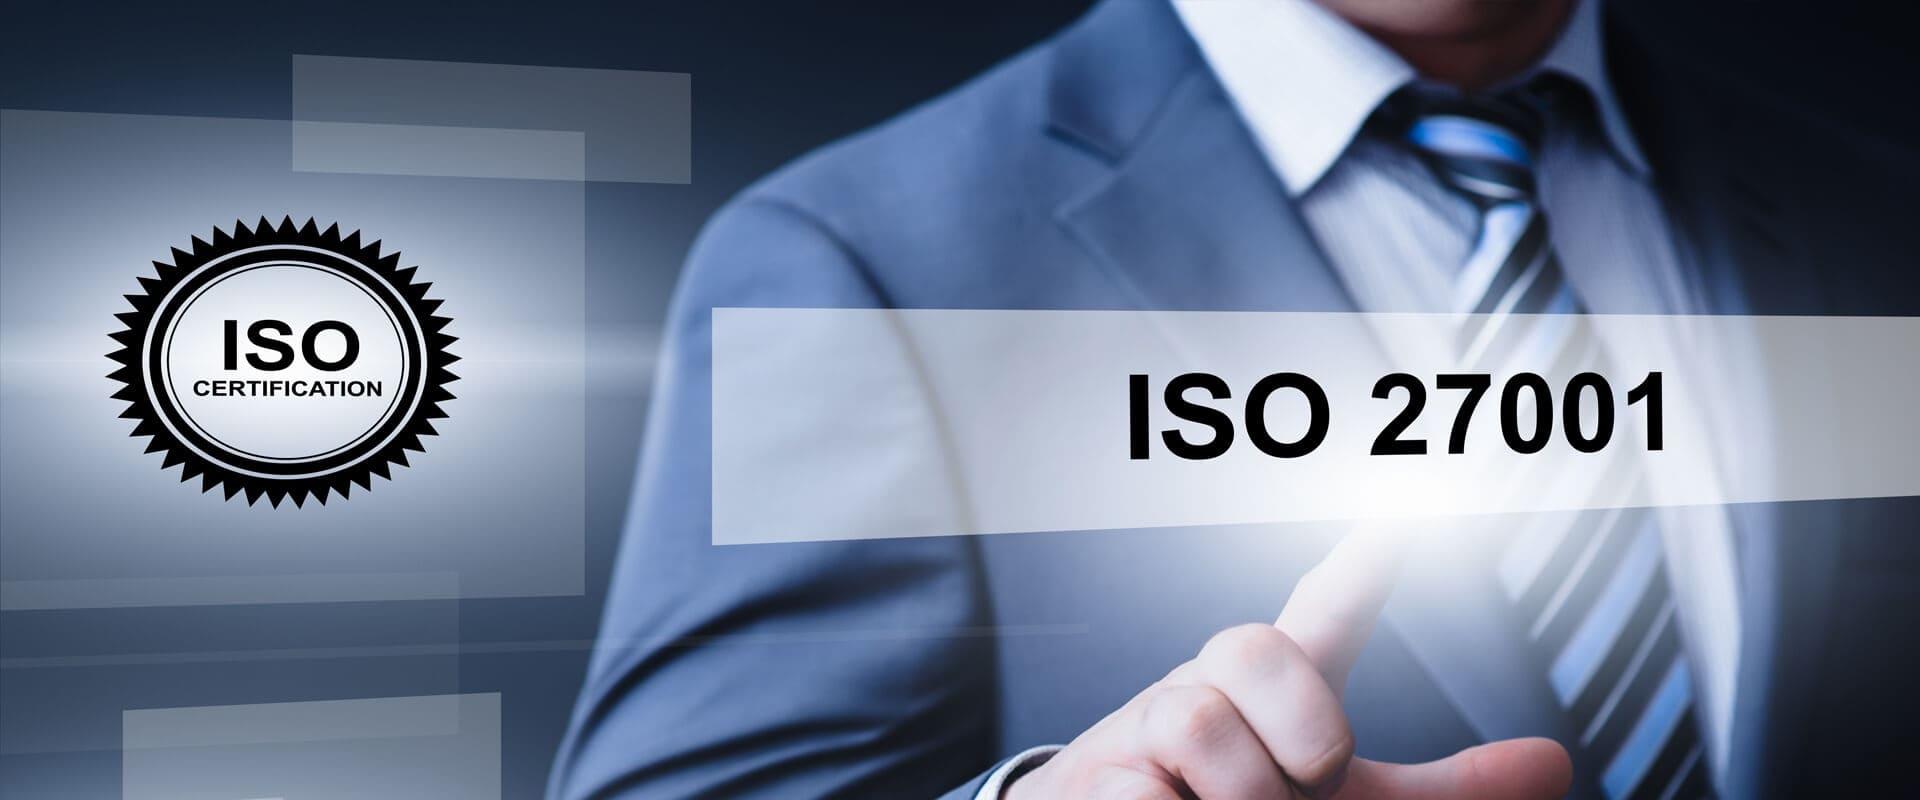 ISO Zertifizierung 27001